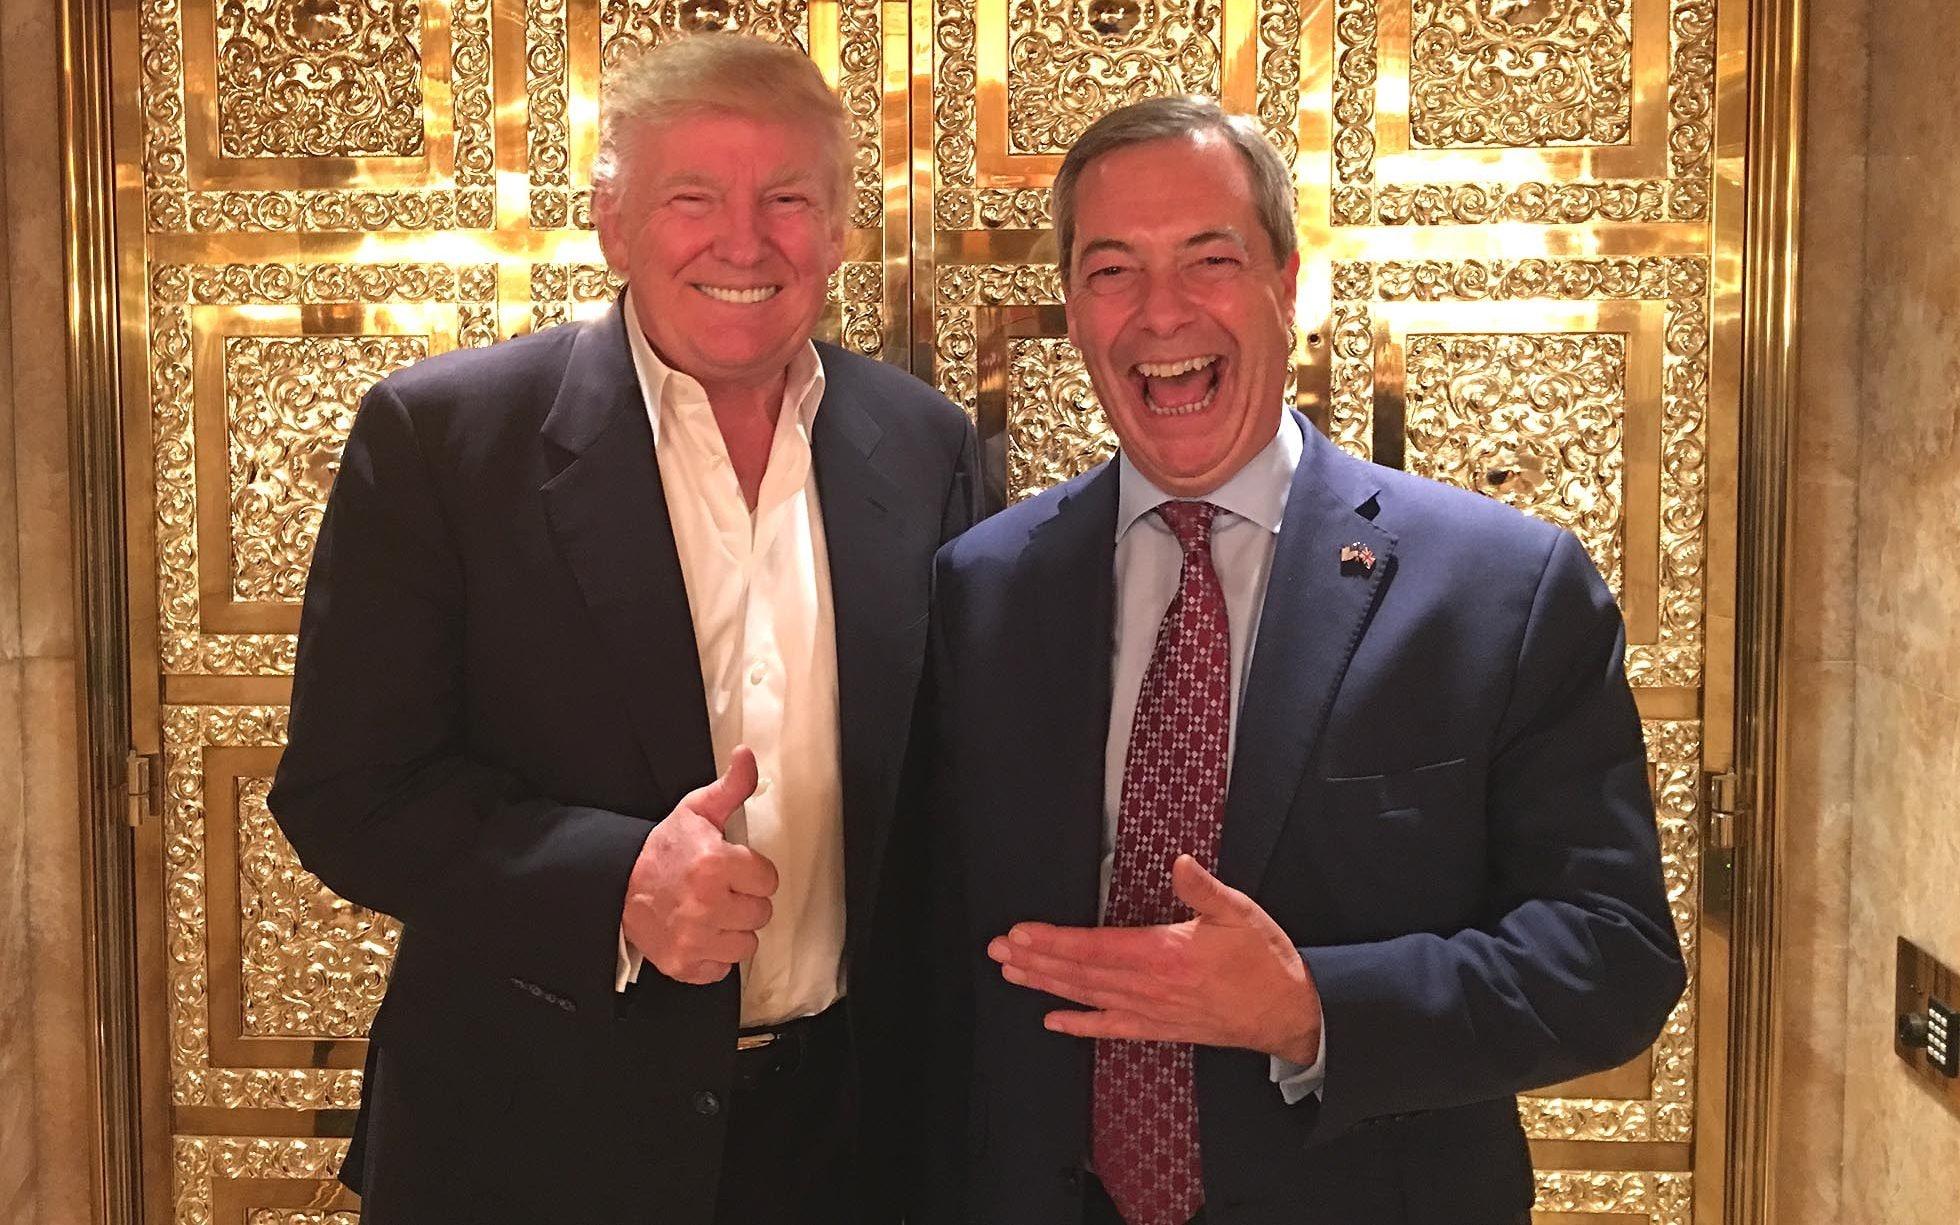 113550697_Farage_Trump_trans_NvBQzQNjv4Bqeo_i_u9APj8RuoebjoAHt0k9u7HhRJvuo-ZLenGRumA